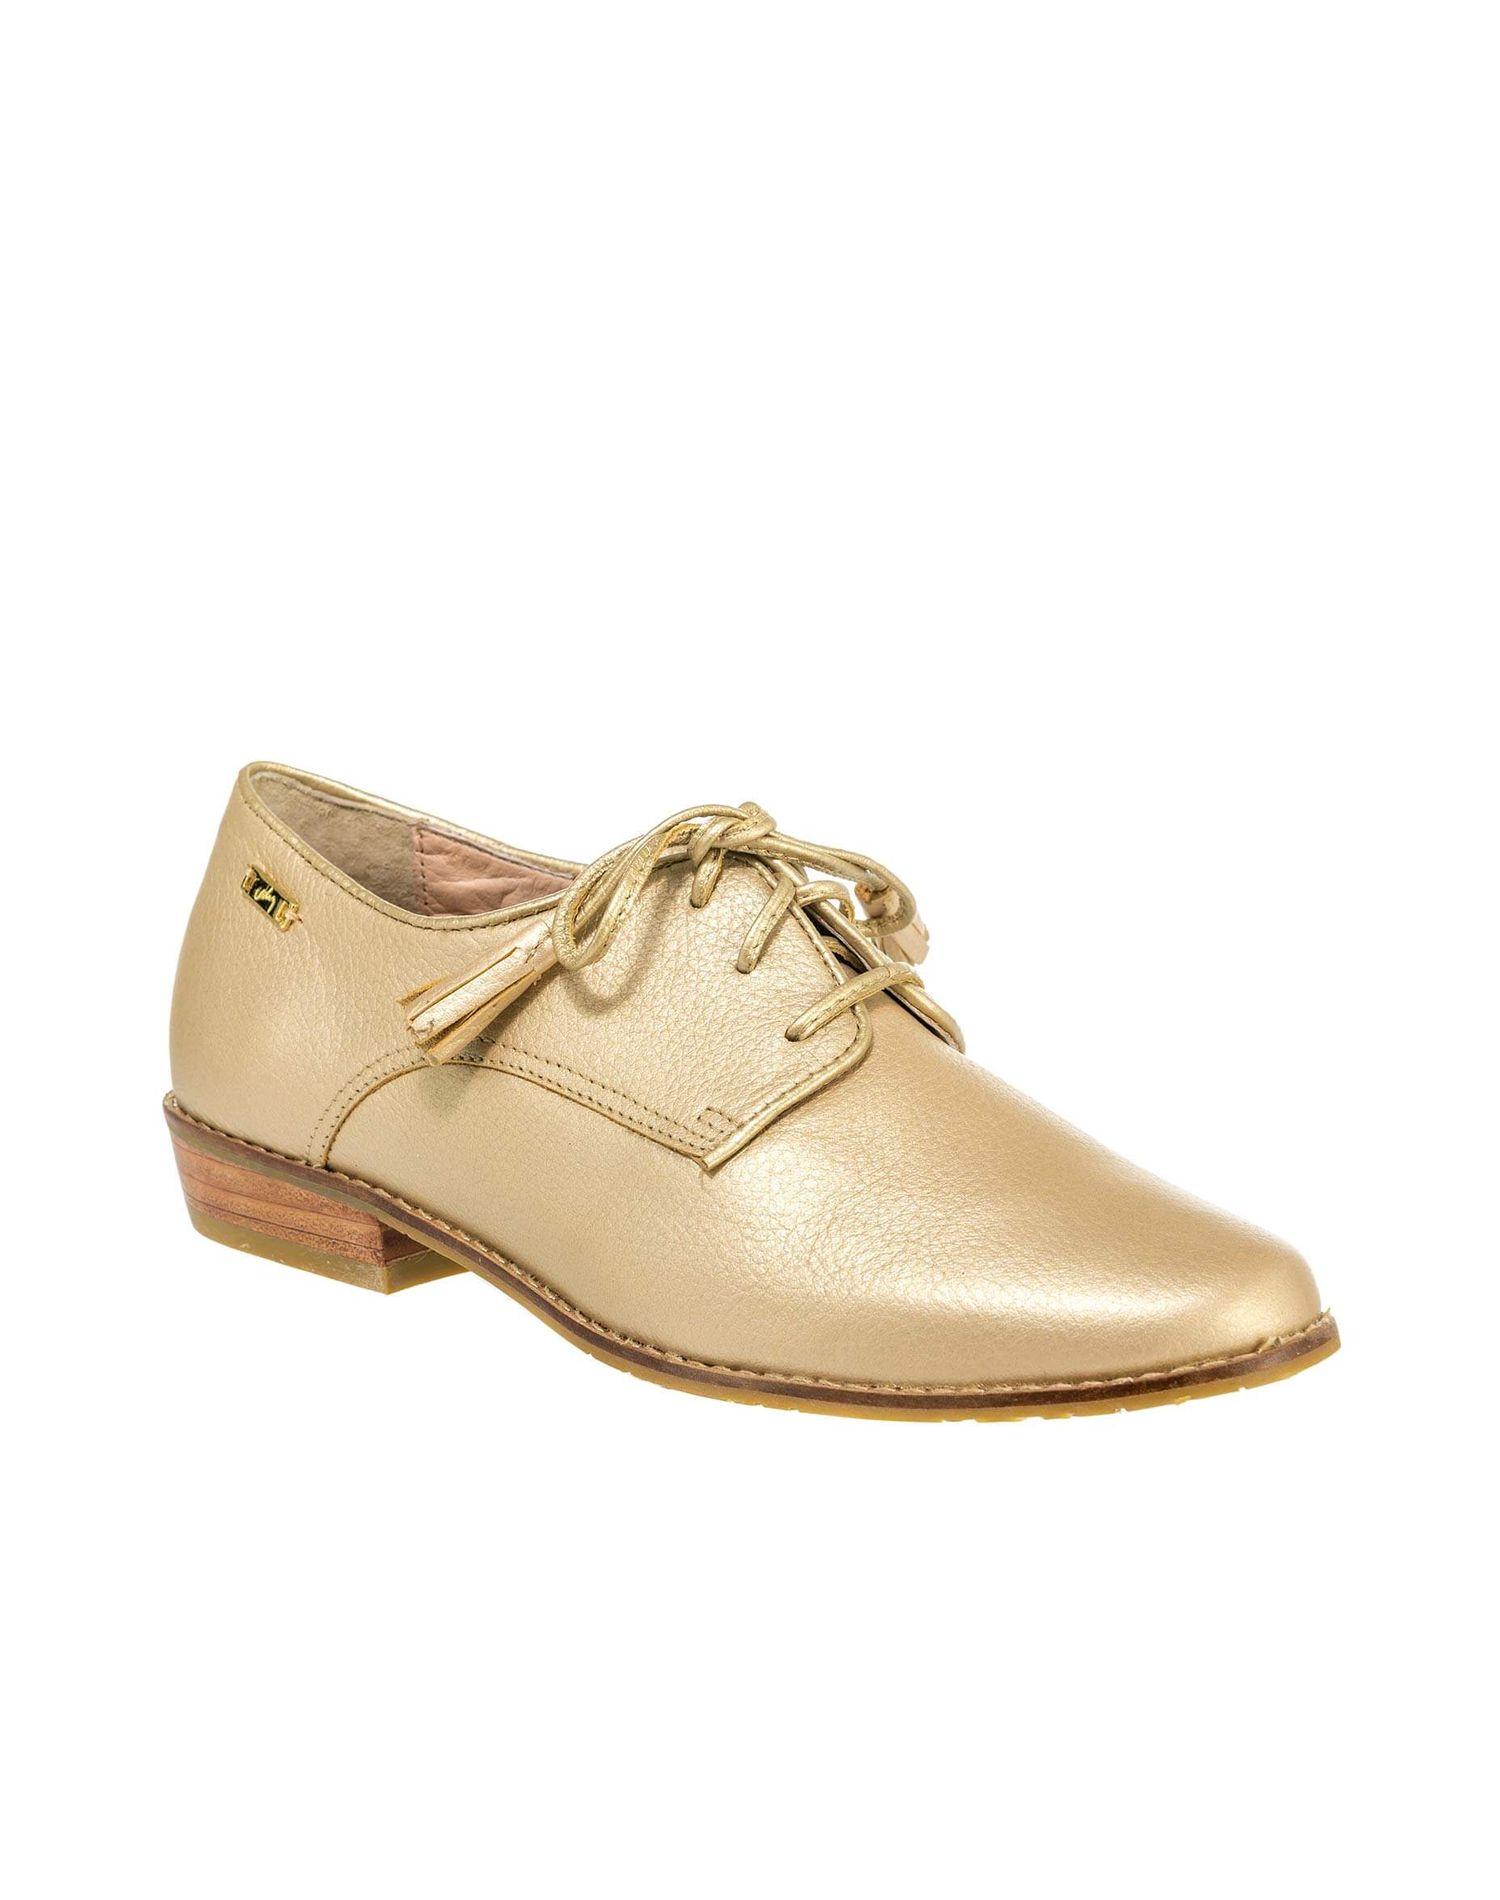 Zapatos con cordón de cuero para mujer 9758  8f41911ae4c8f